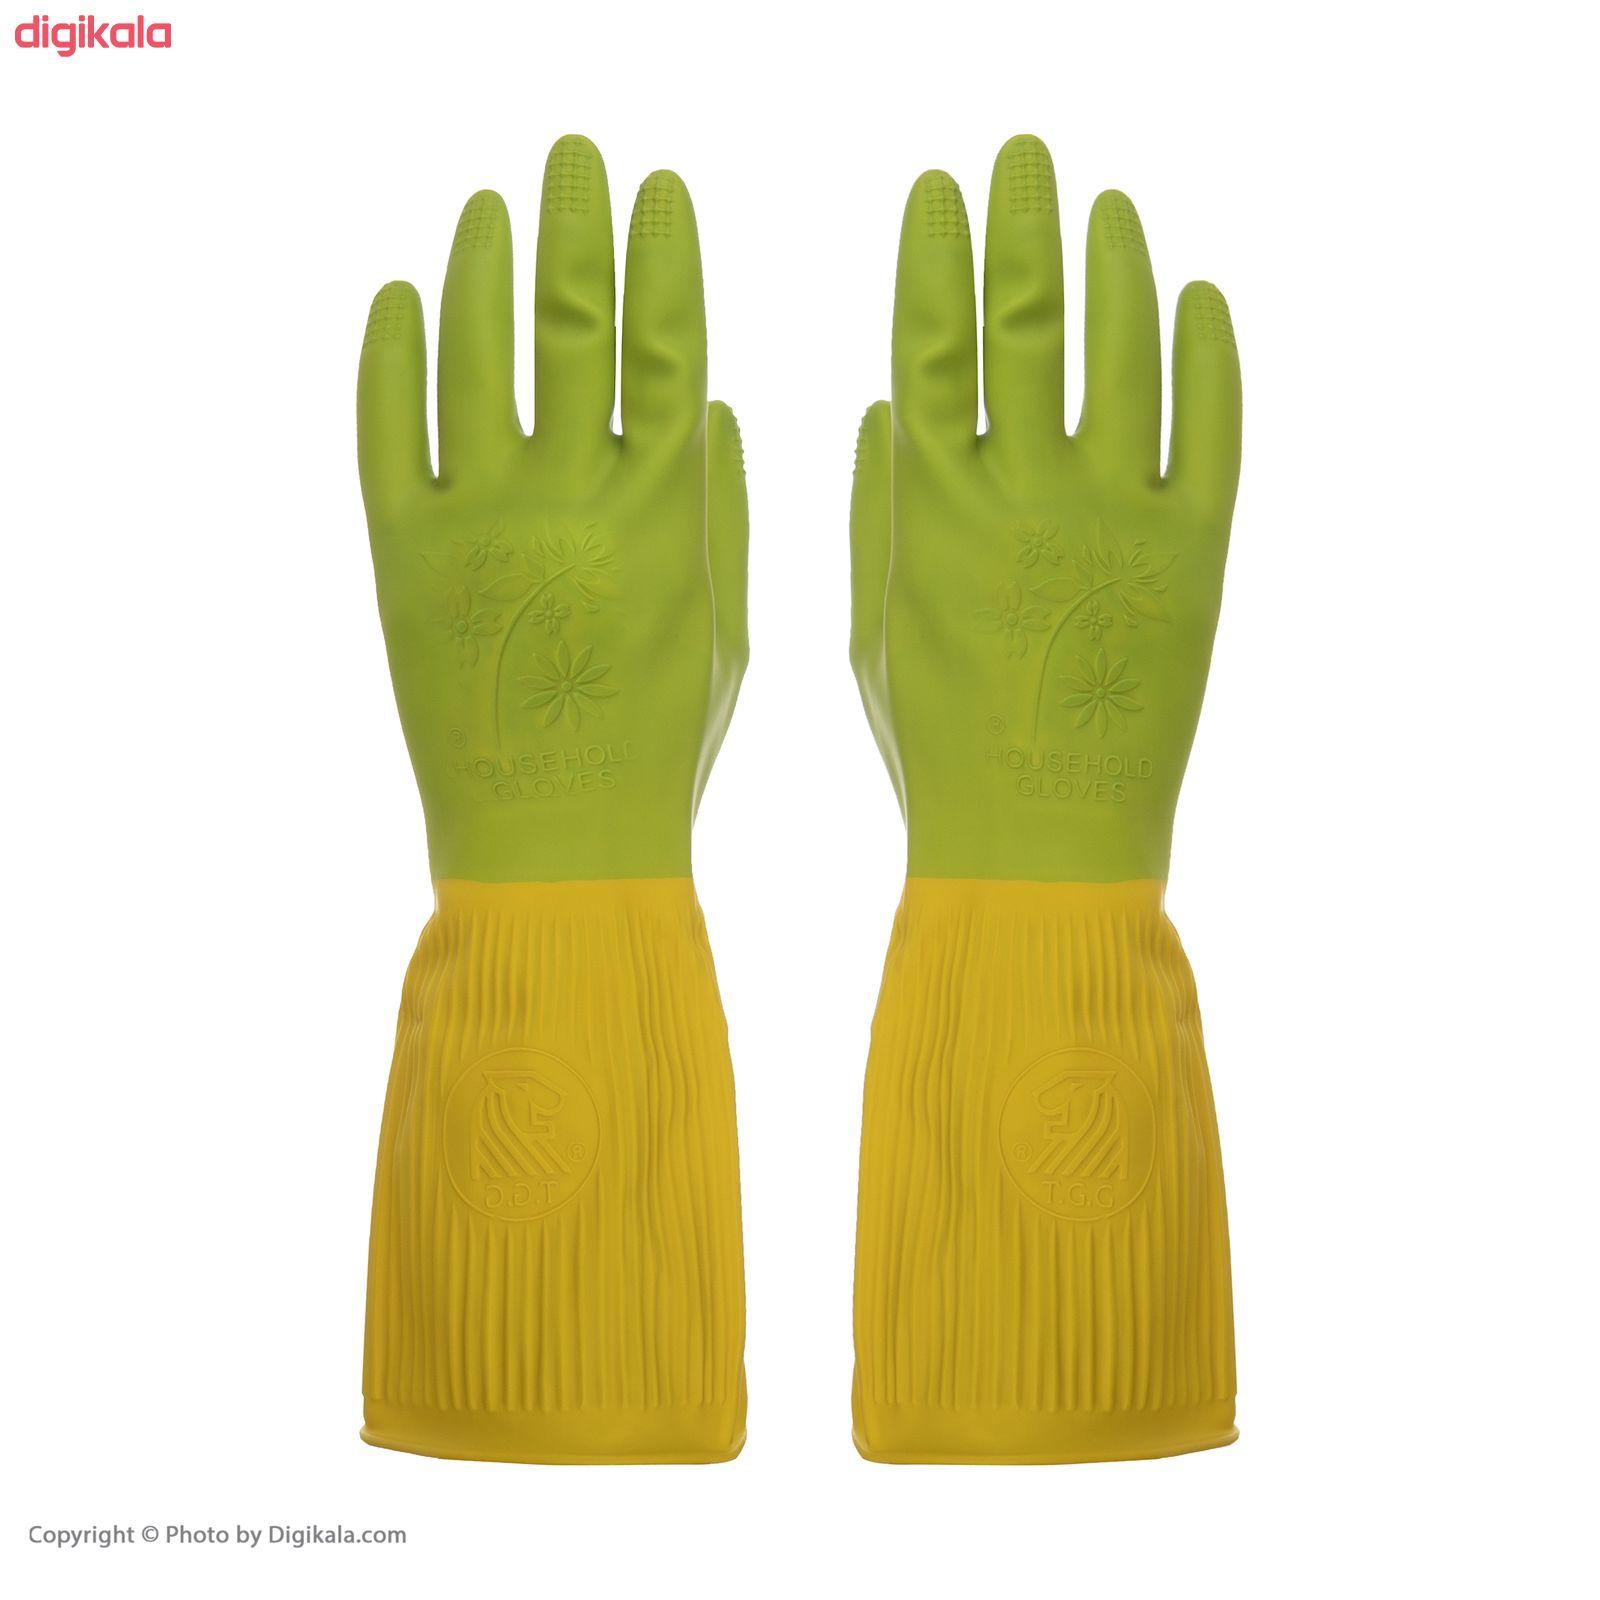 دستکش آشپزخانه گلرنگ کد 5100166 سایز S main 1 4